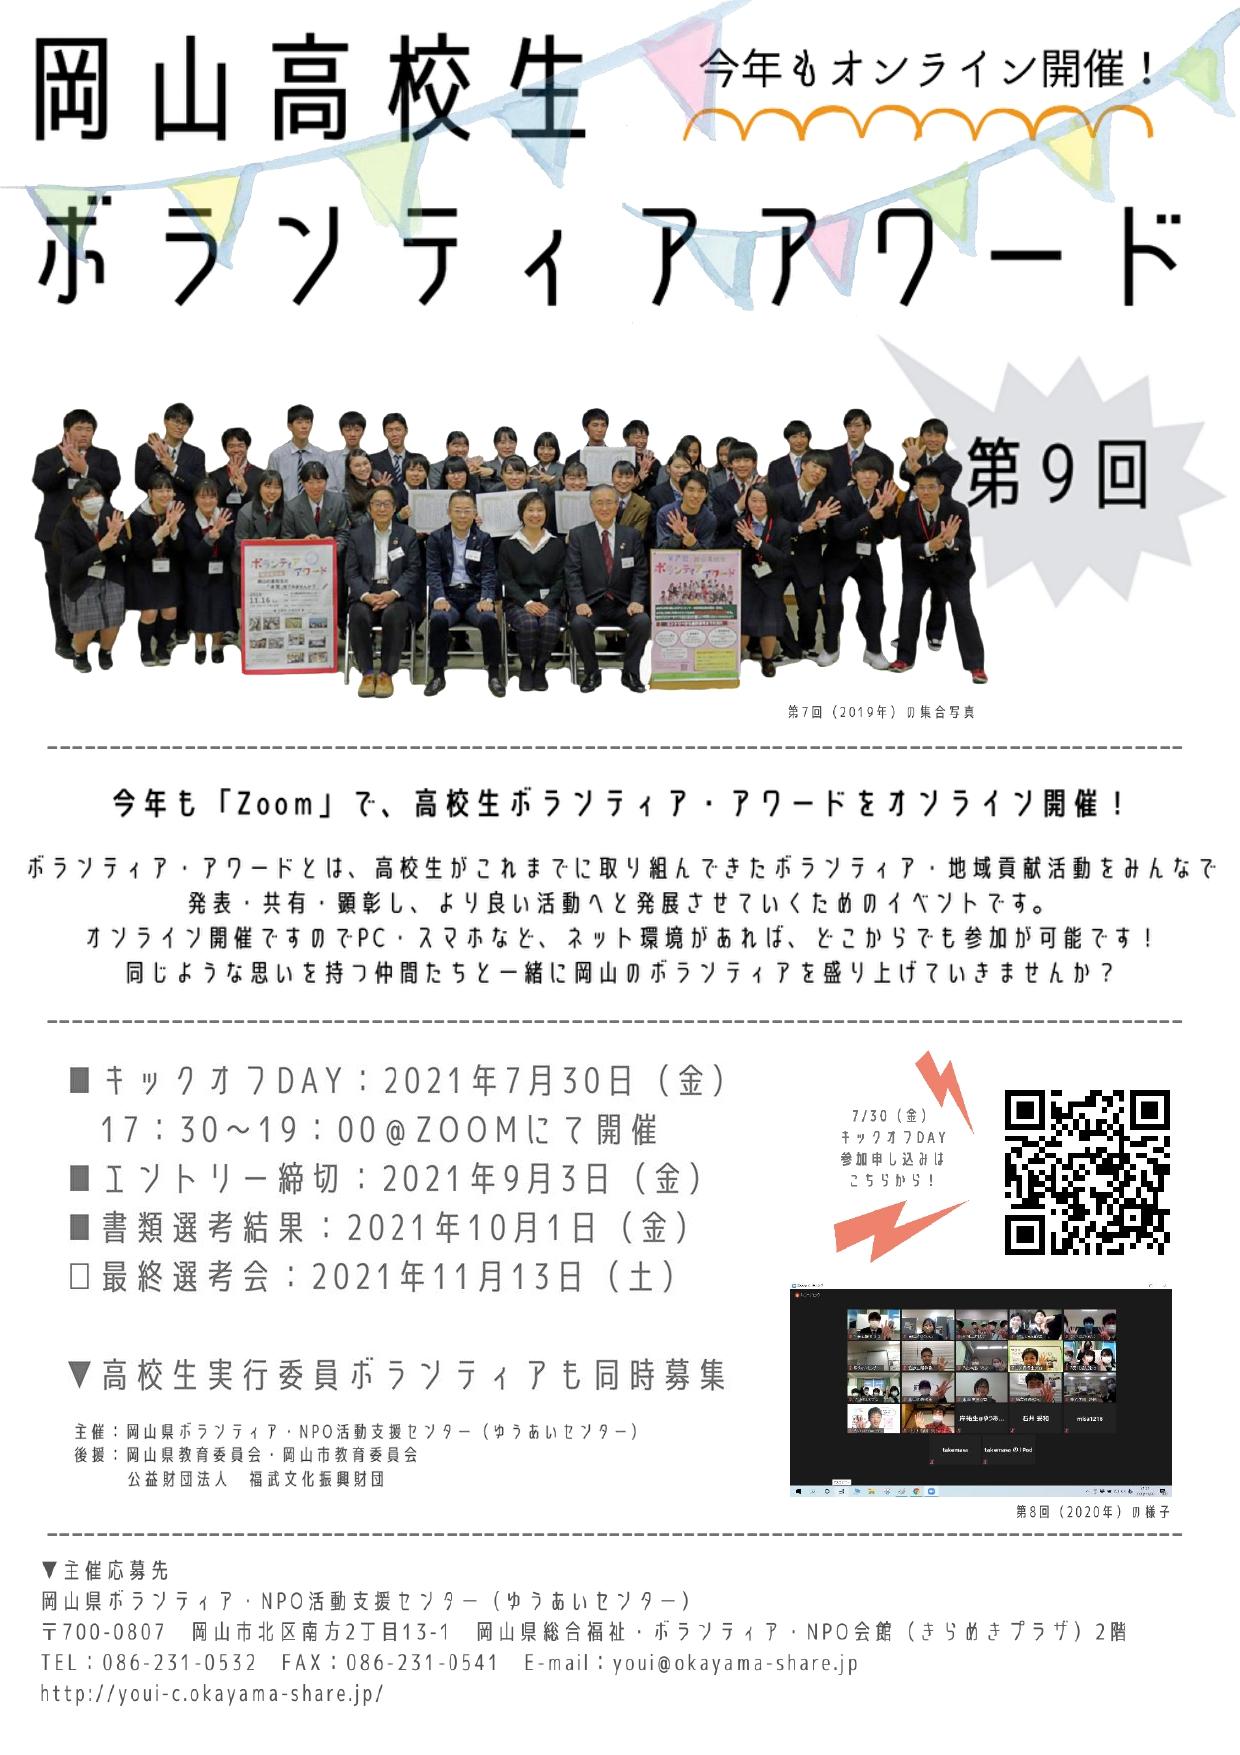 第9回 岡山高校生ボランティア・アワード【エントリー団体募集!】